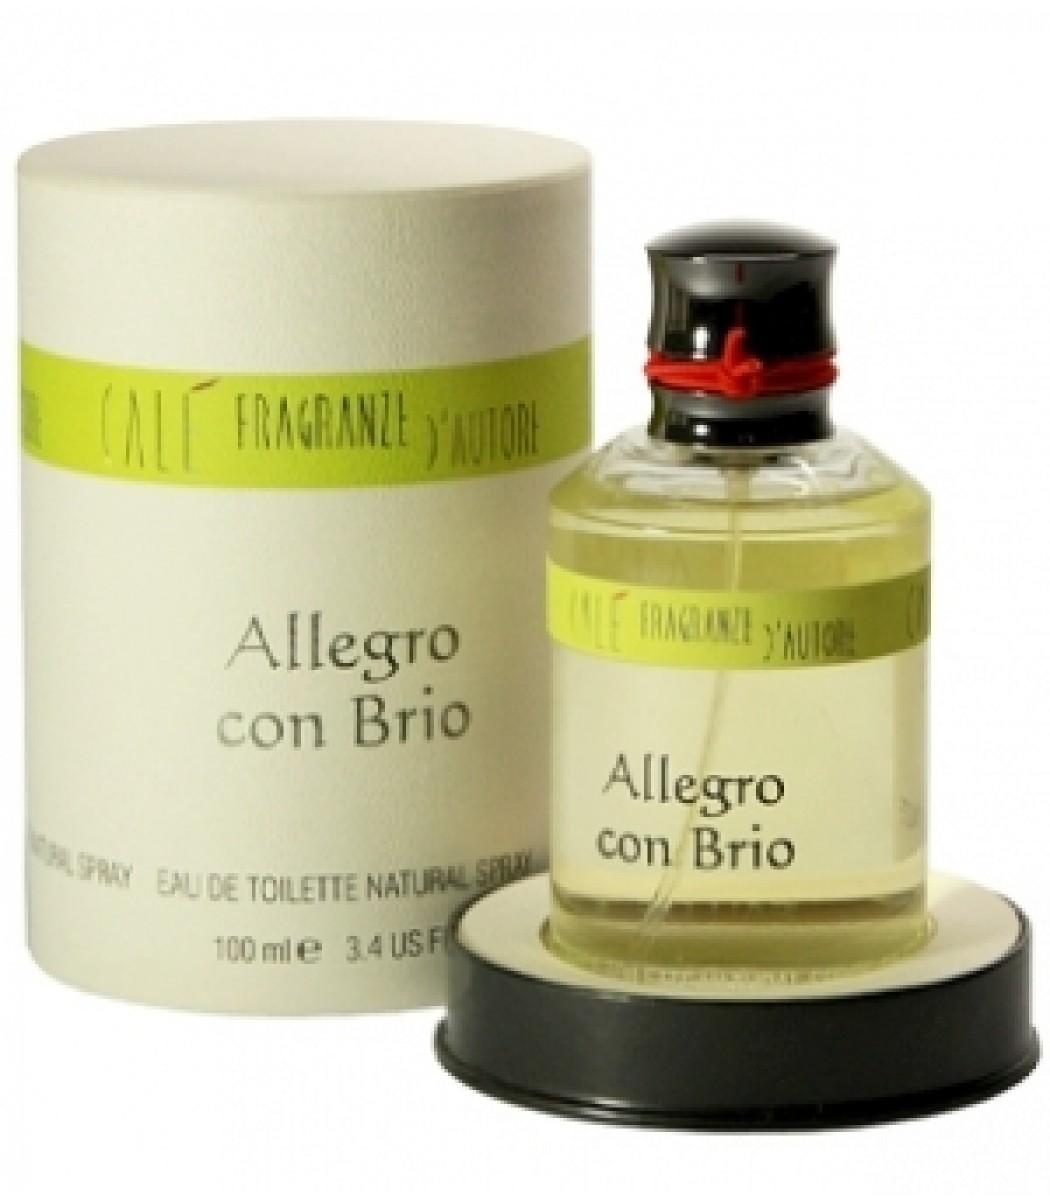 Cale Fragranze D`Autore Allegro Con Brio